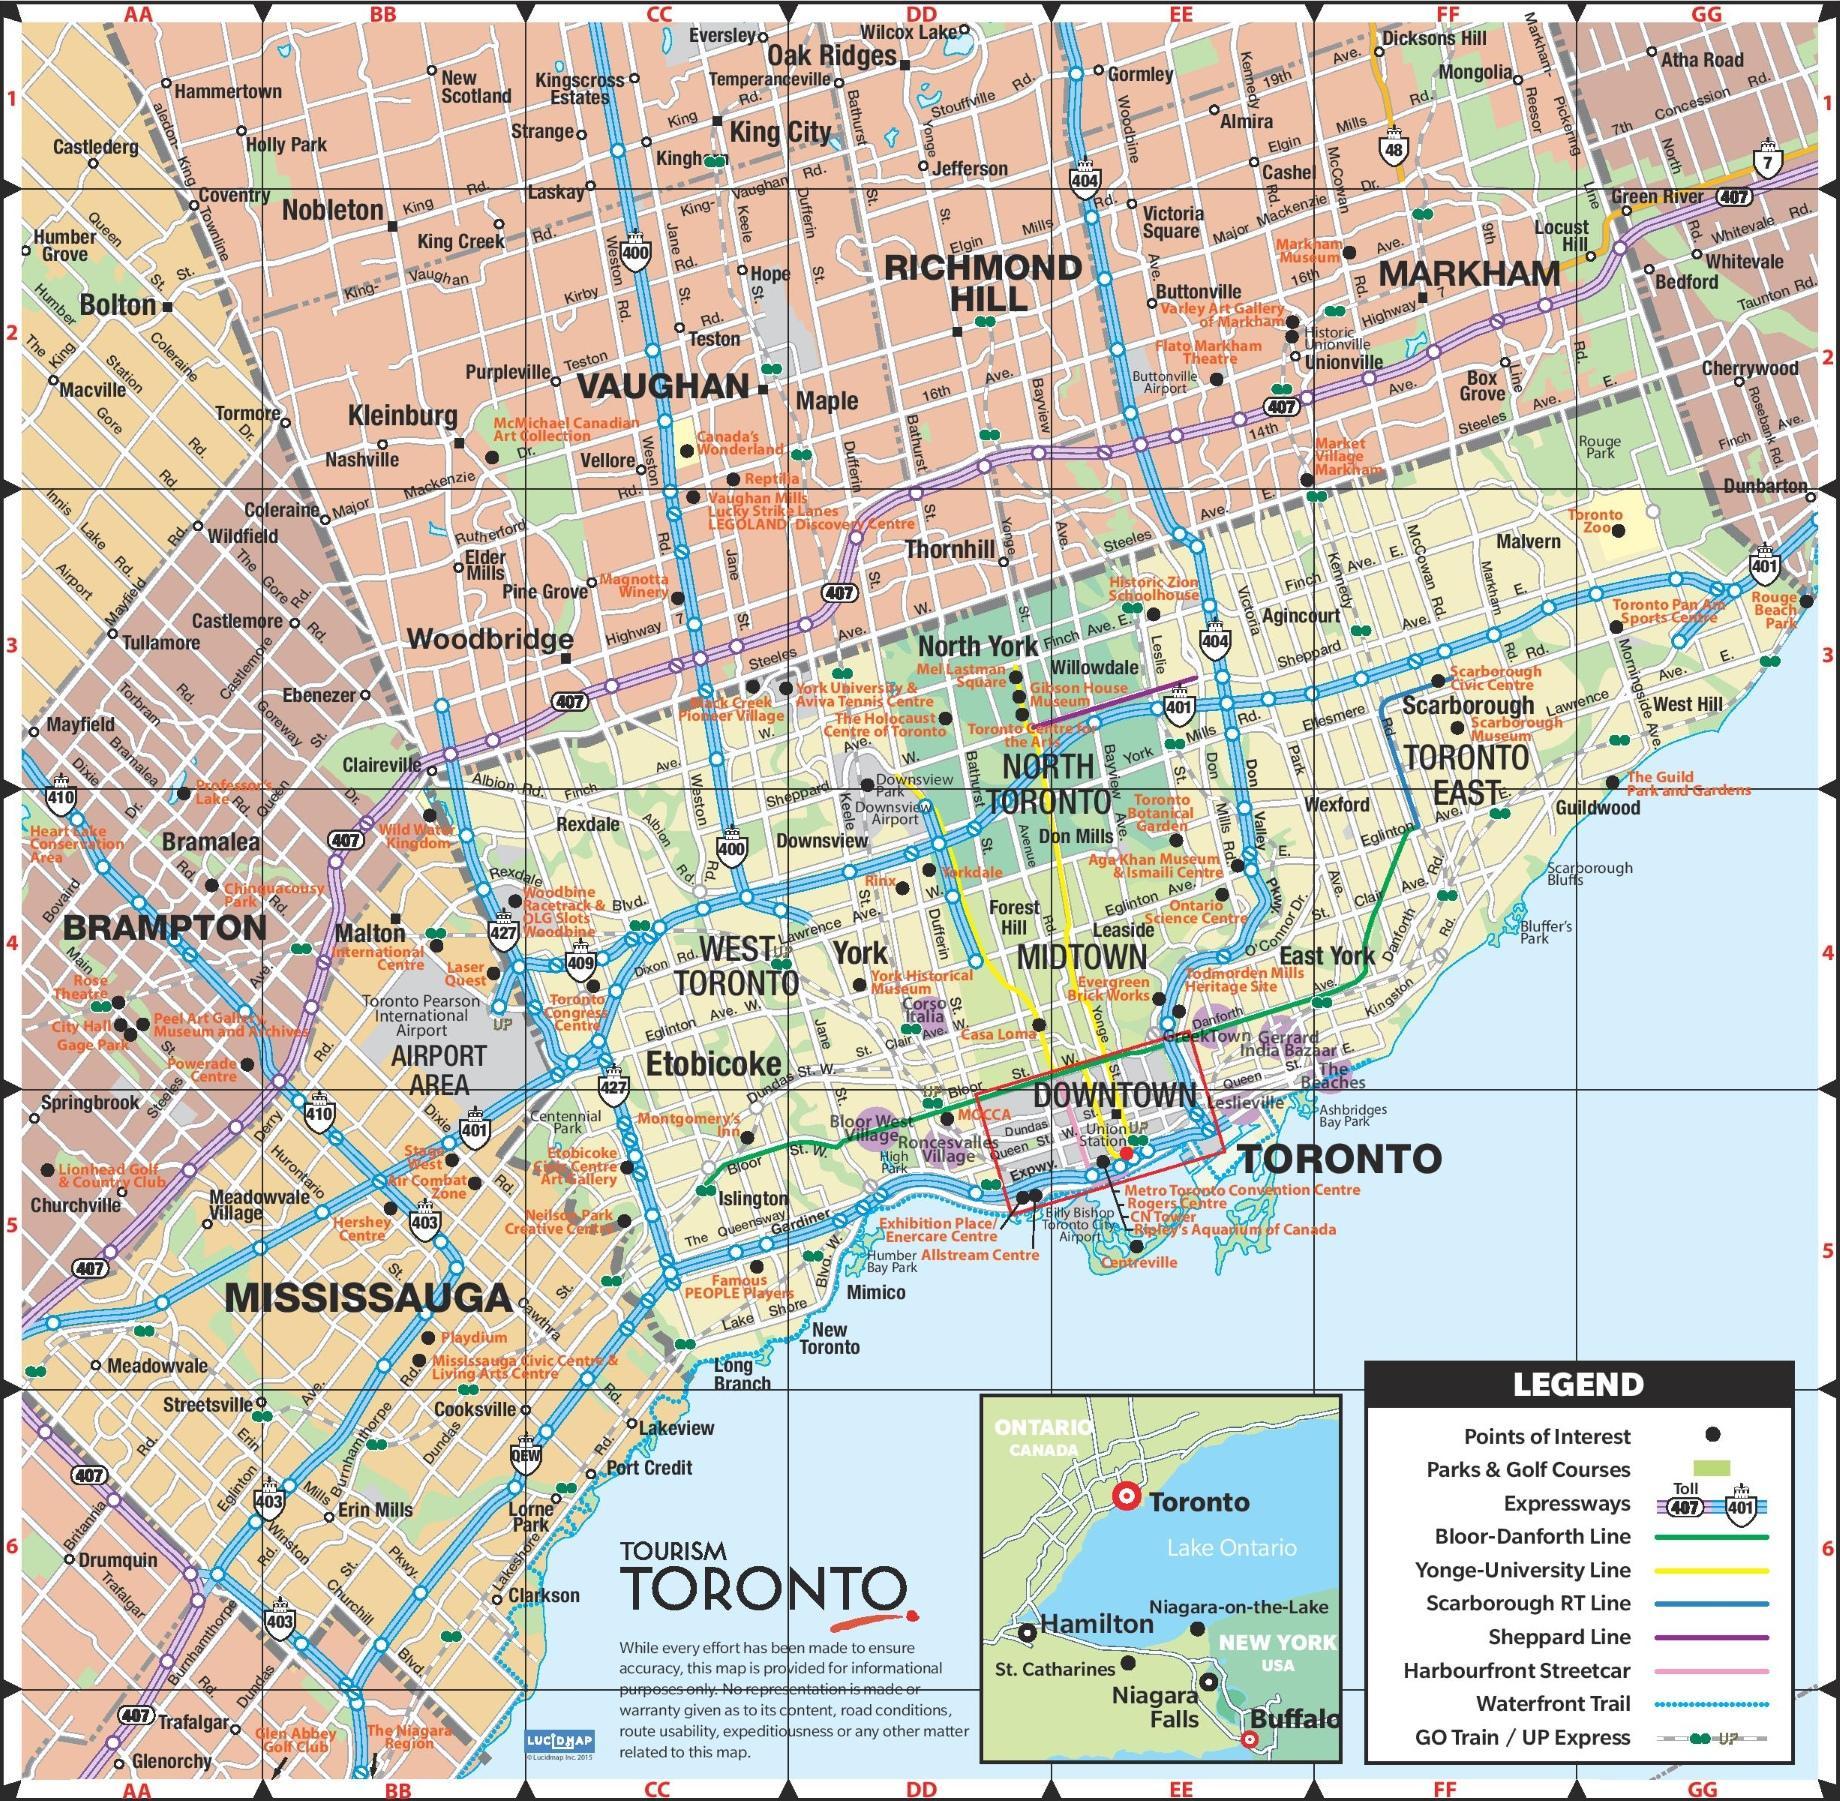 toronto kart Kart Toronto kart Toronto (Kanada) toronto kart